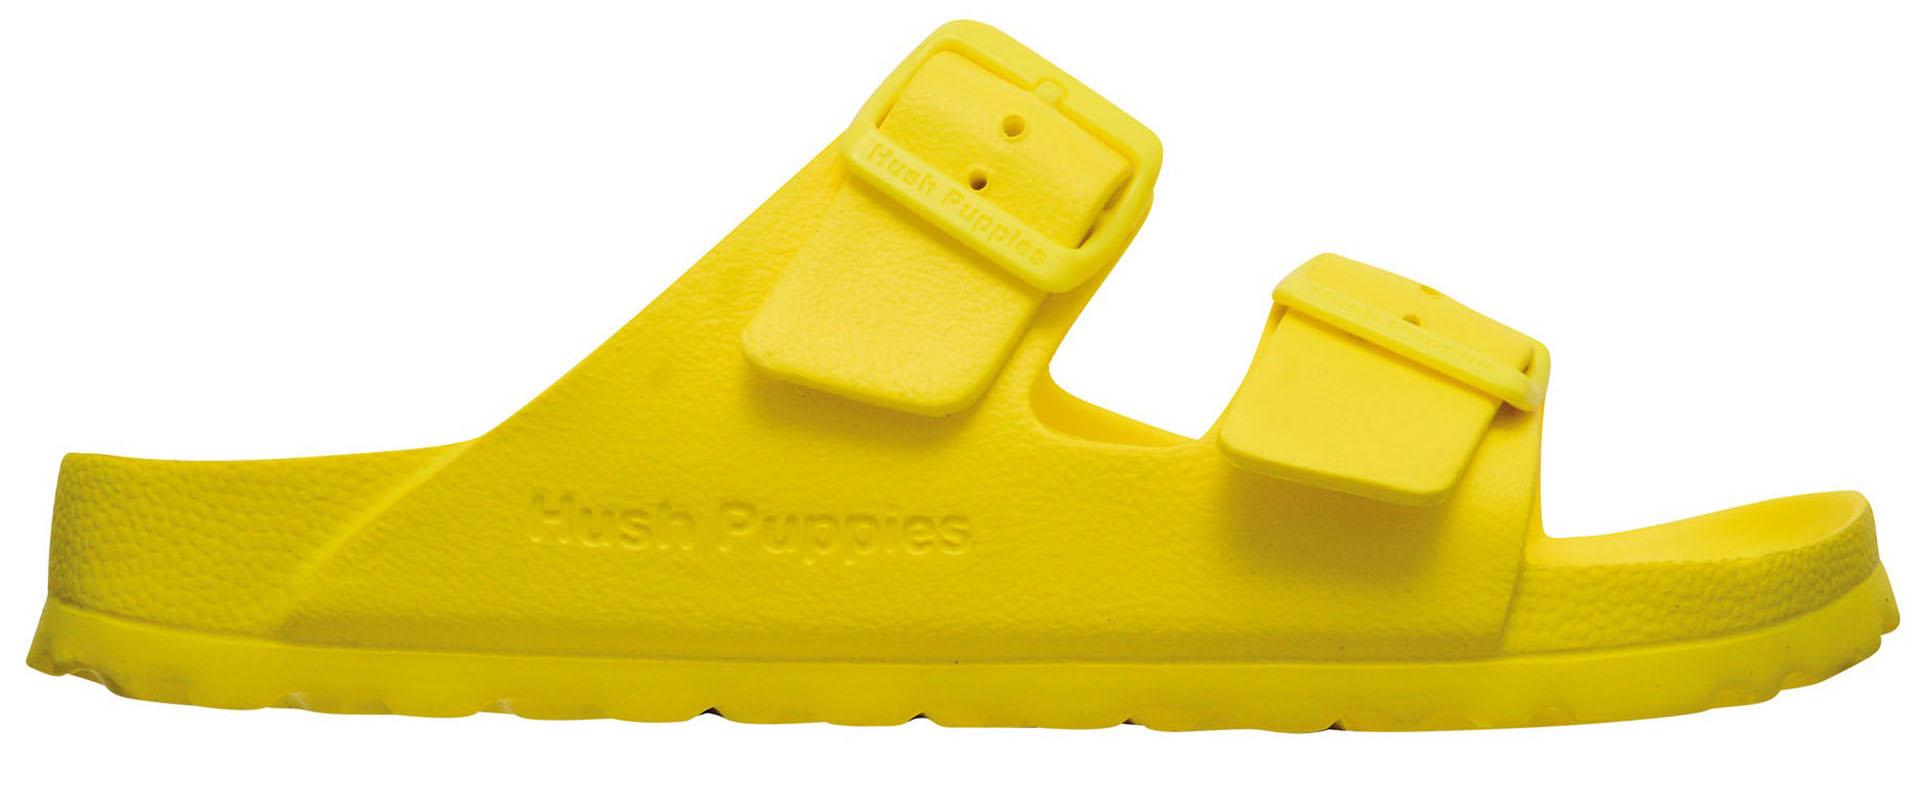 Sandalias de goma ($ 790, Hush Puppies).